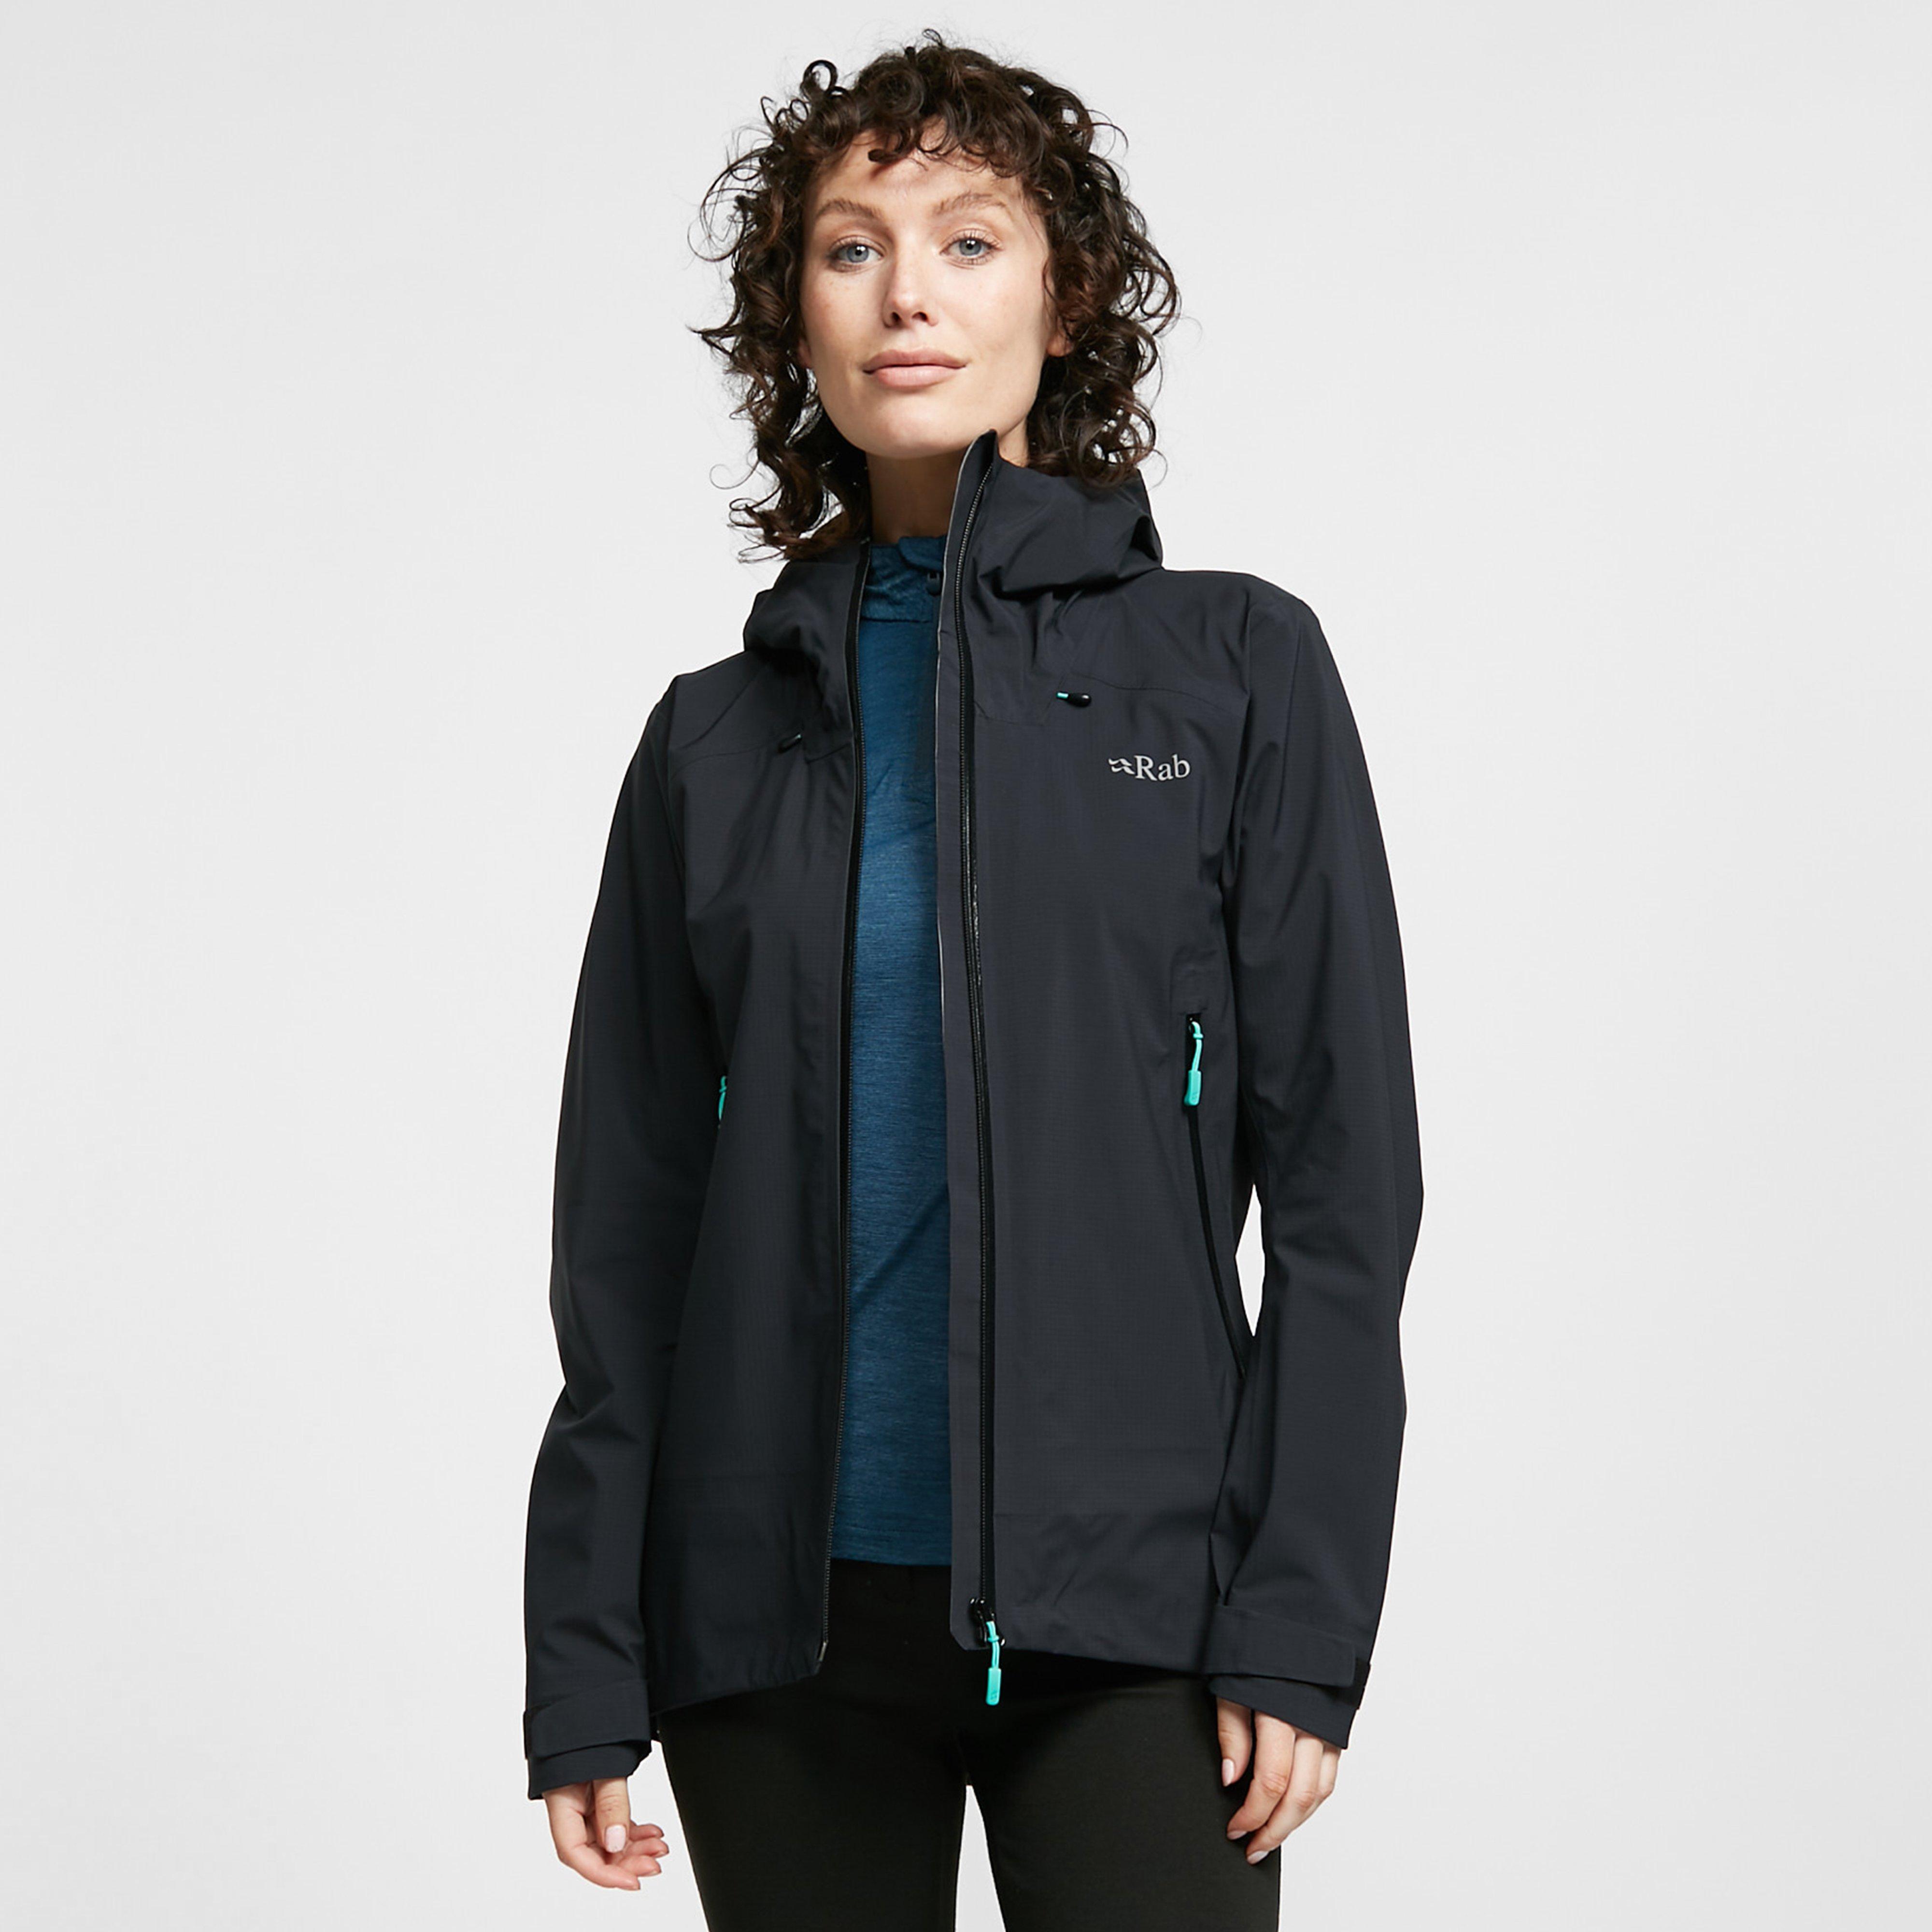 Rab Rab Womens Arc Waterproof Jacket - N/A, N/A